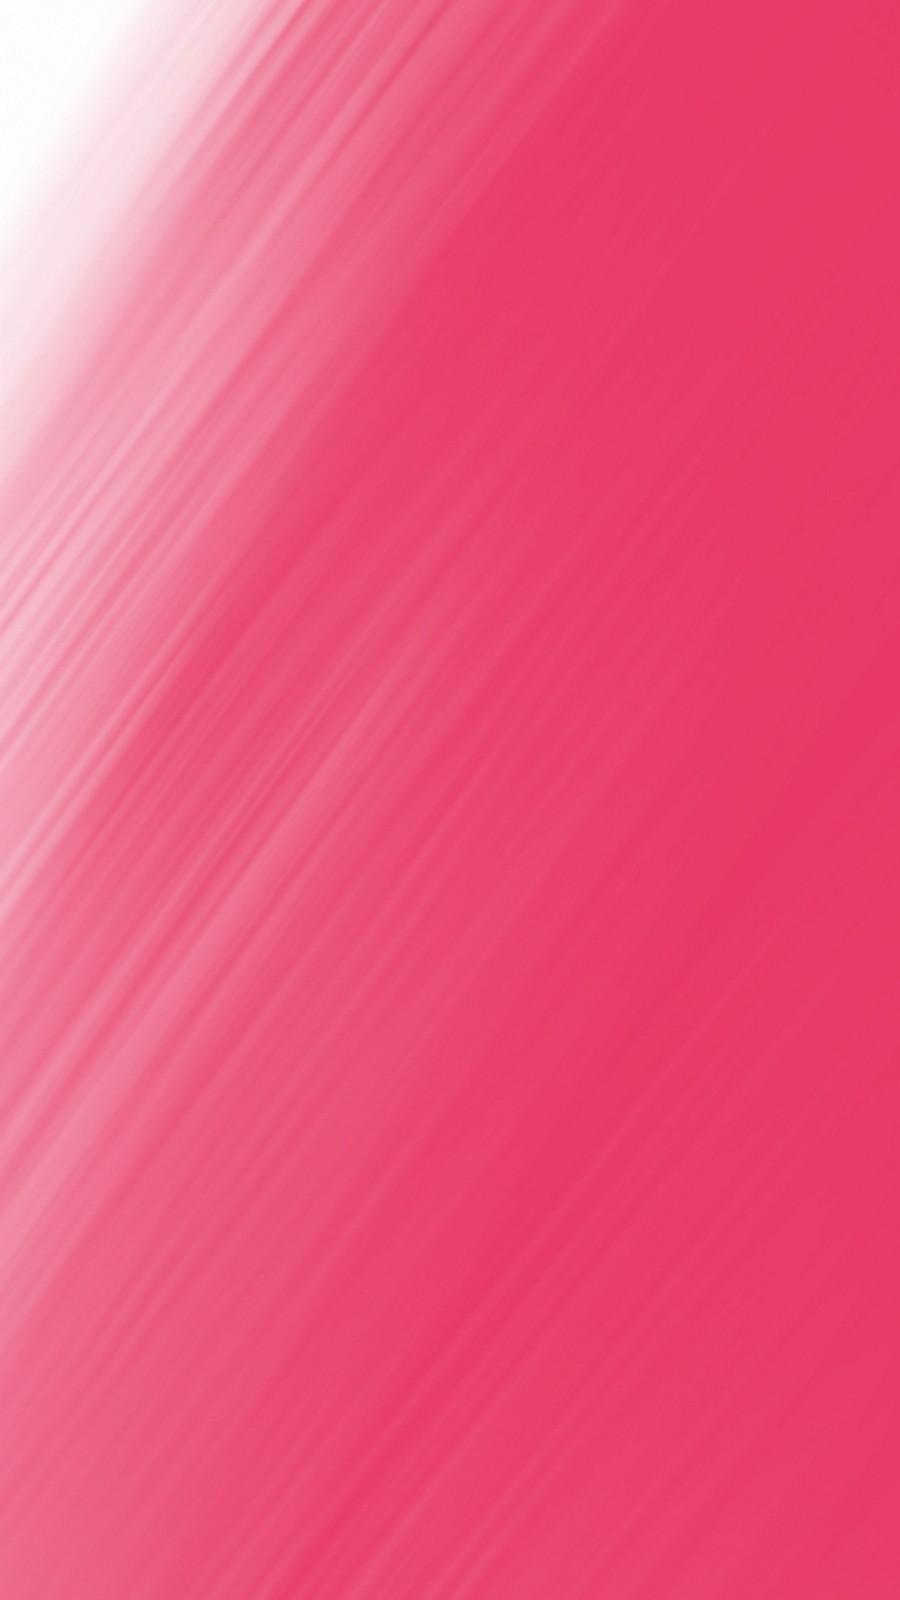 Pink peony 02 Fresh Glow Blush – Pink Peony No.02 - Image 2